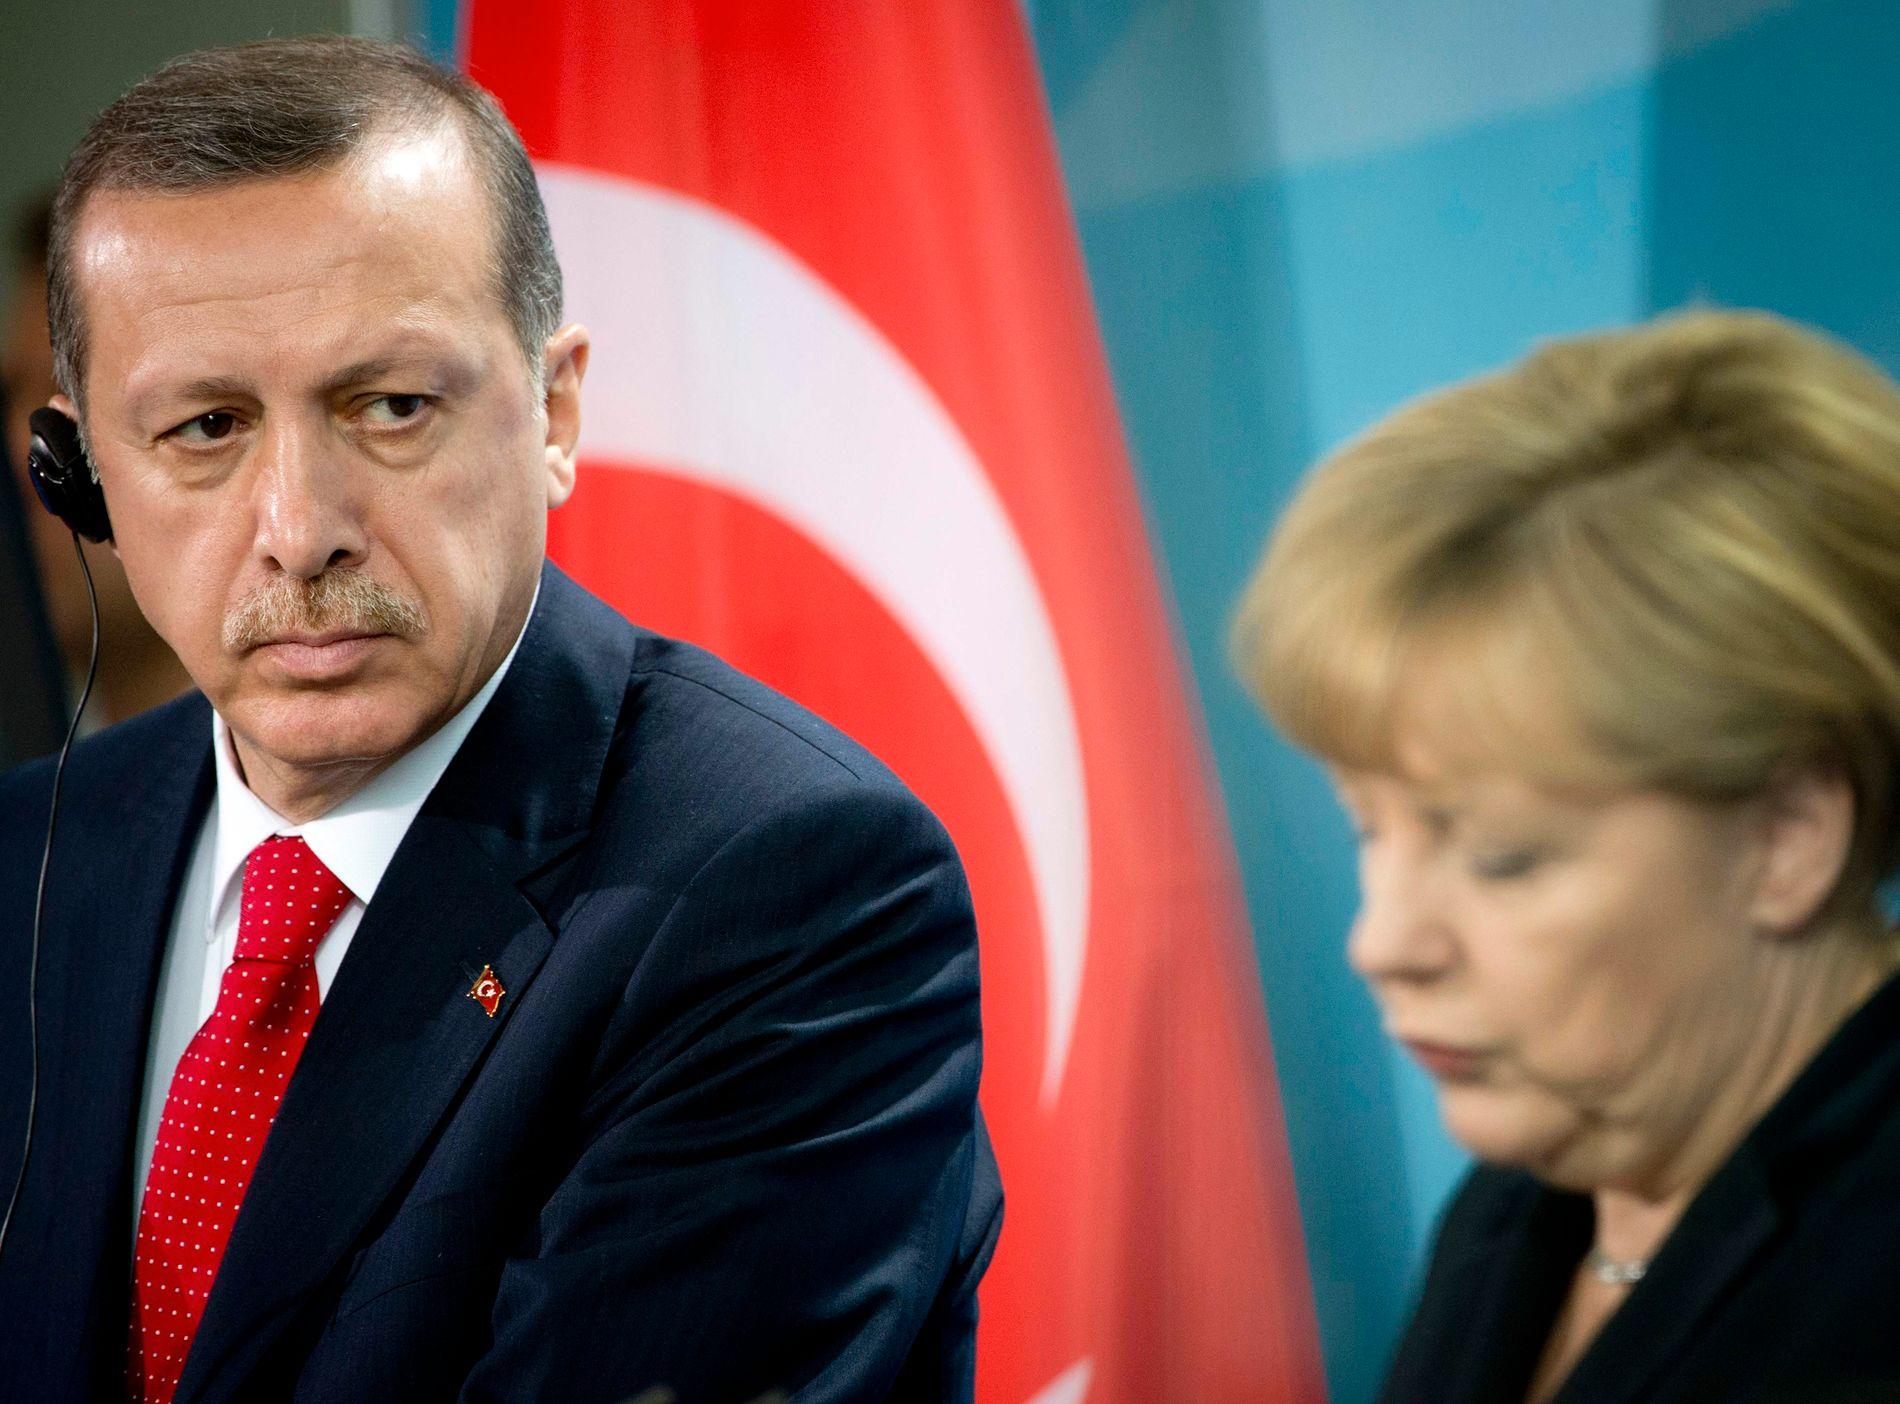 TURBULENT FORHOLD: Tyrkias Erdogan og Tysklands Angela Merkel har hatt et krevende forhold med EU-forhandlinger og det siste årets utvikling i Tyrkia. Her et arkivbilde fra Berlin, 2012.